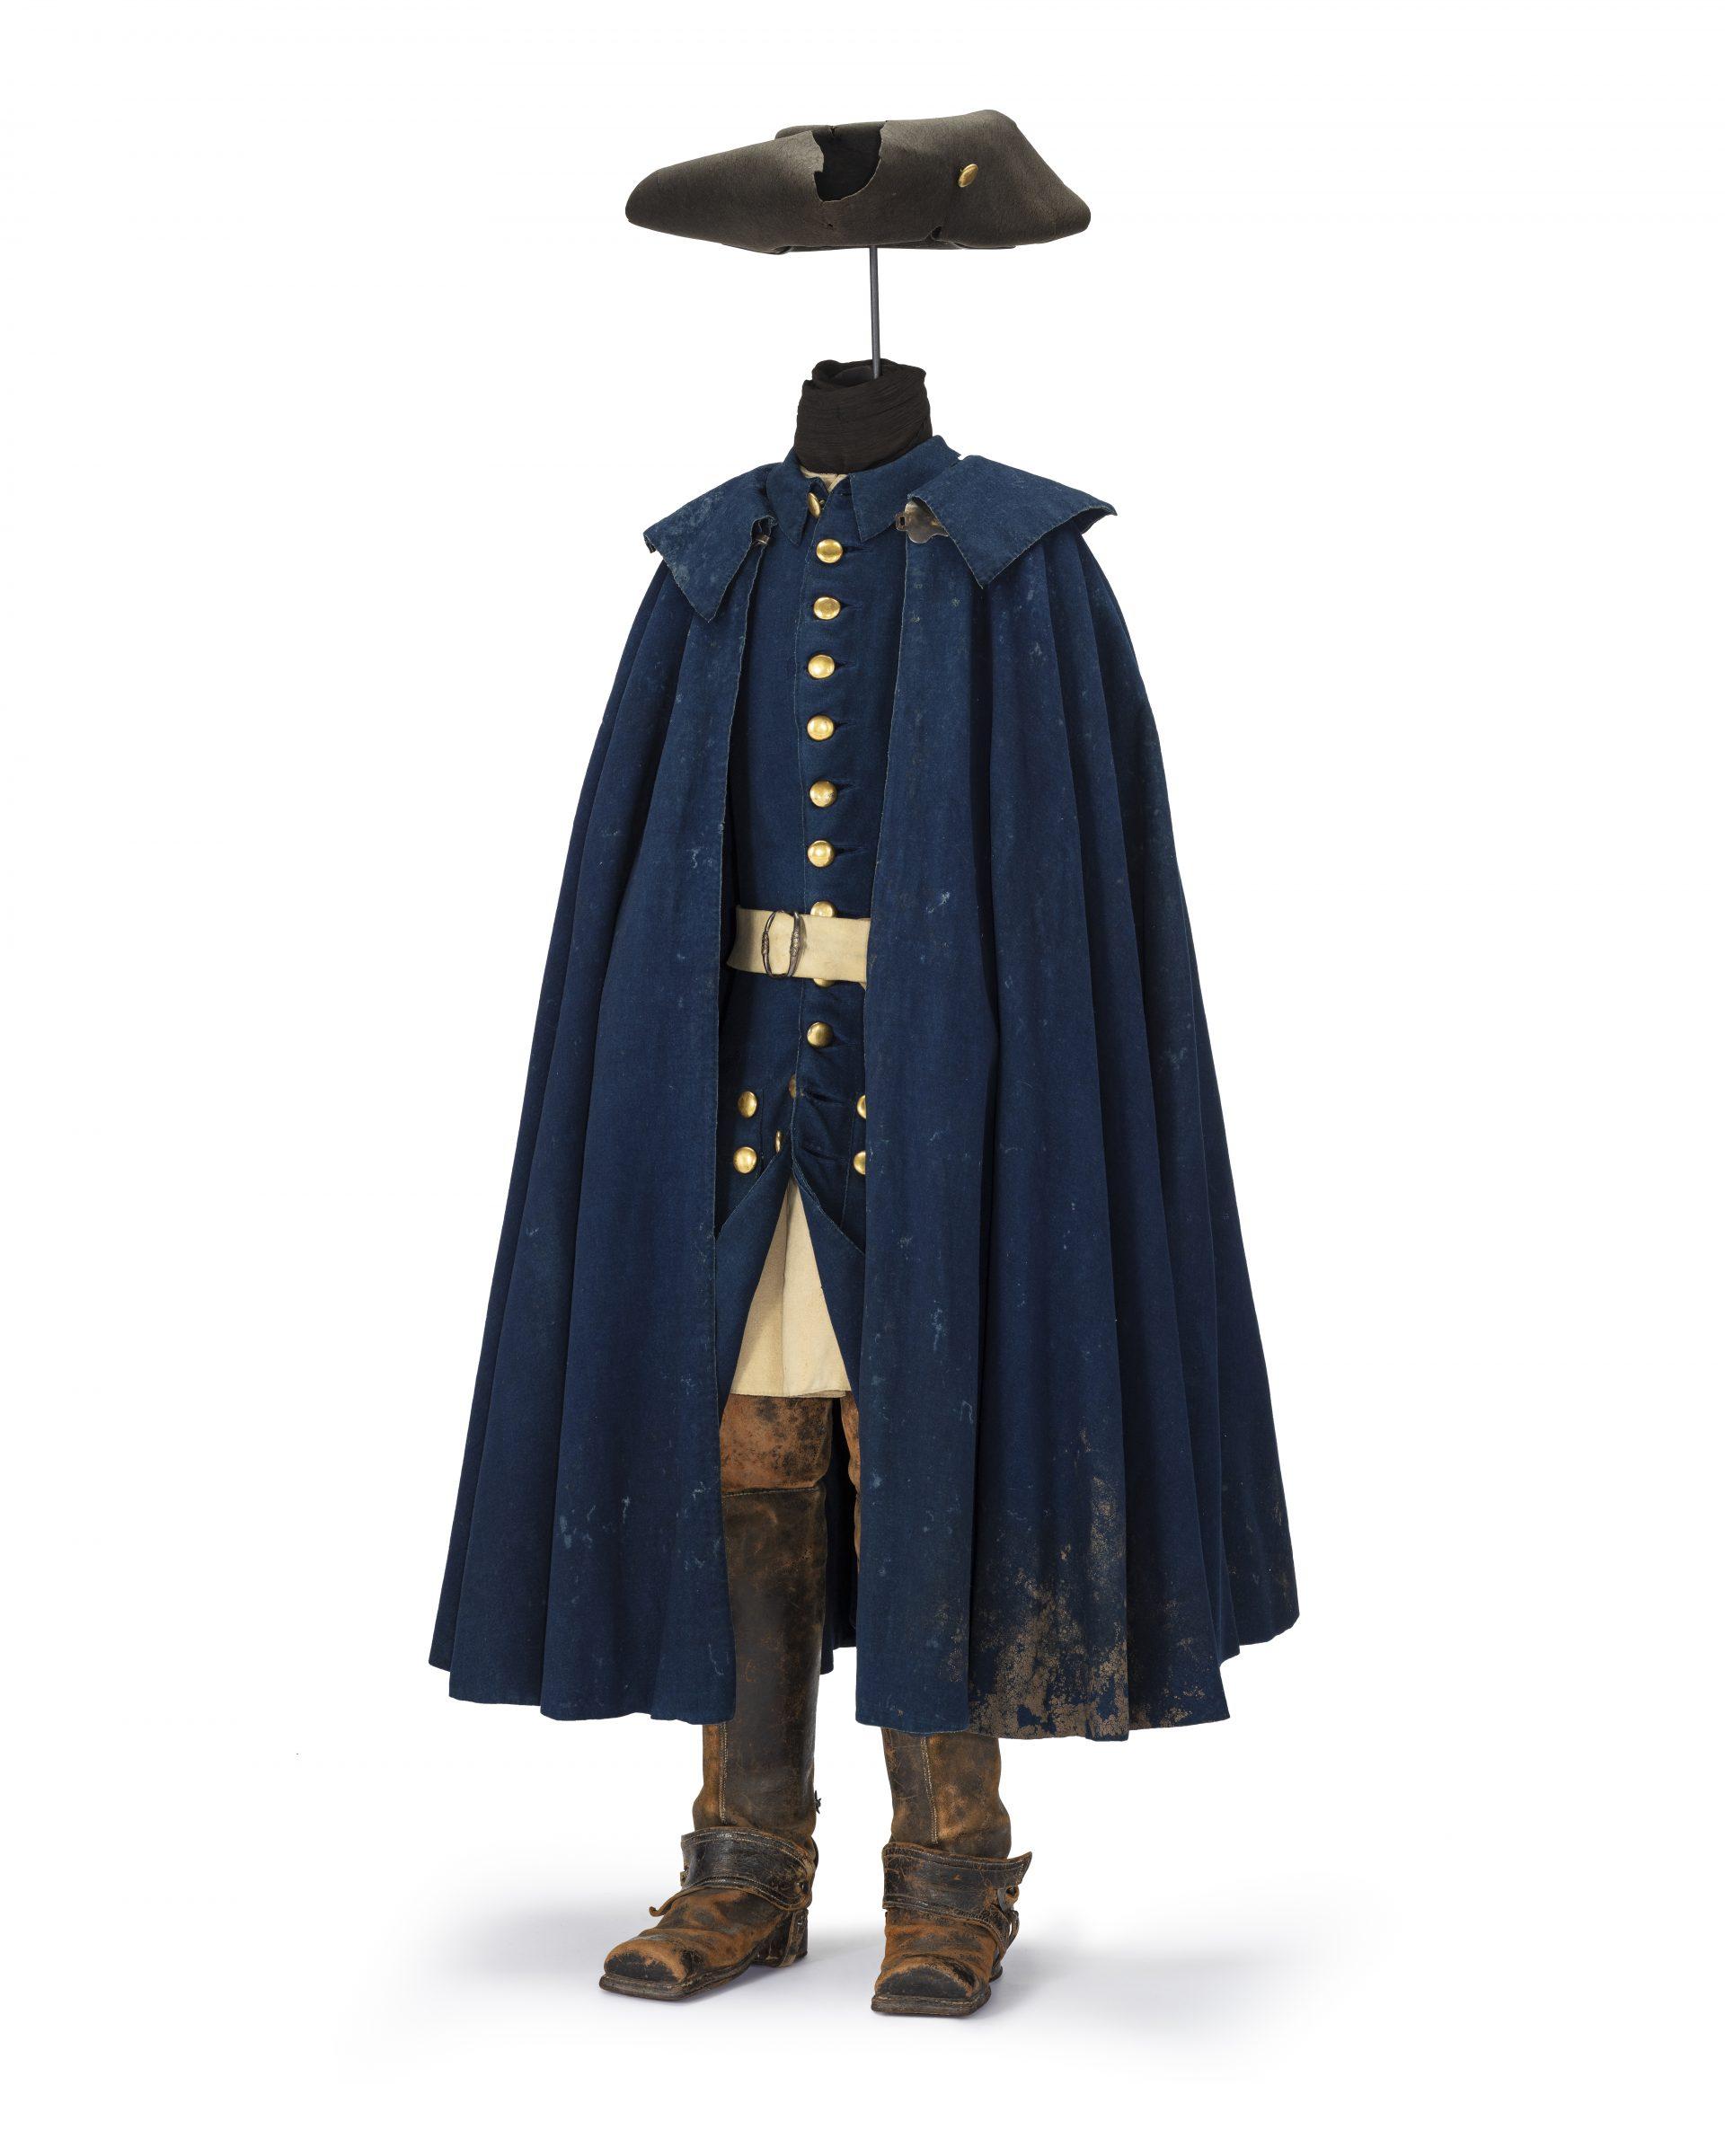 Uniform med blå rock med guldknappar, höga läderstövlar, en blå slängkappa och en trekantig, svart hatt.